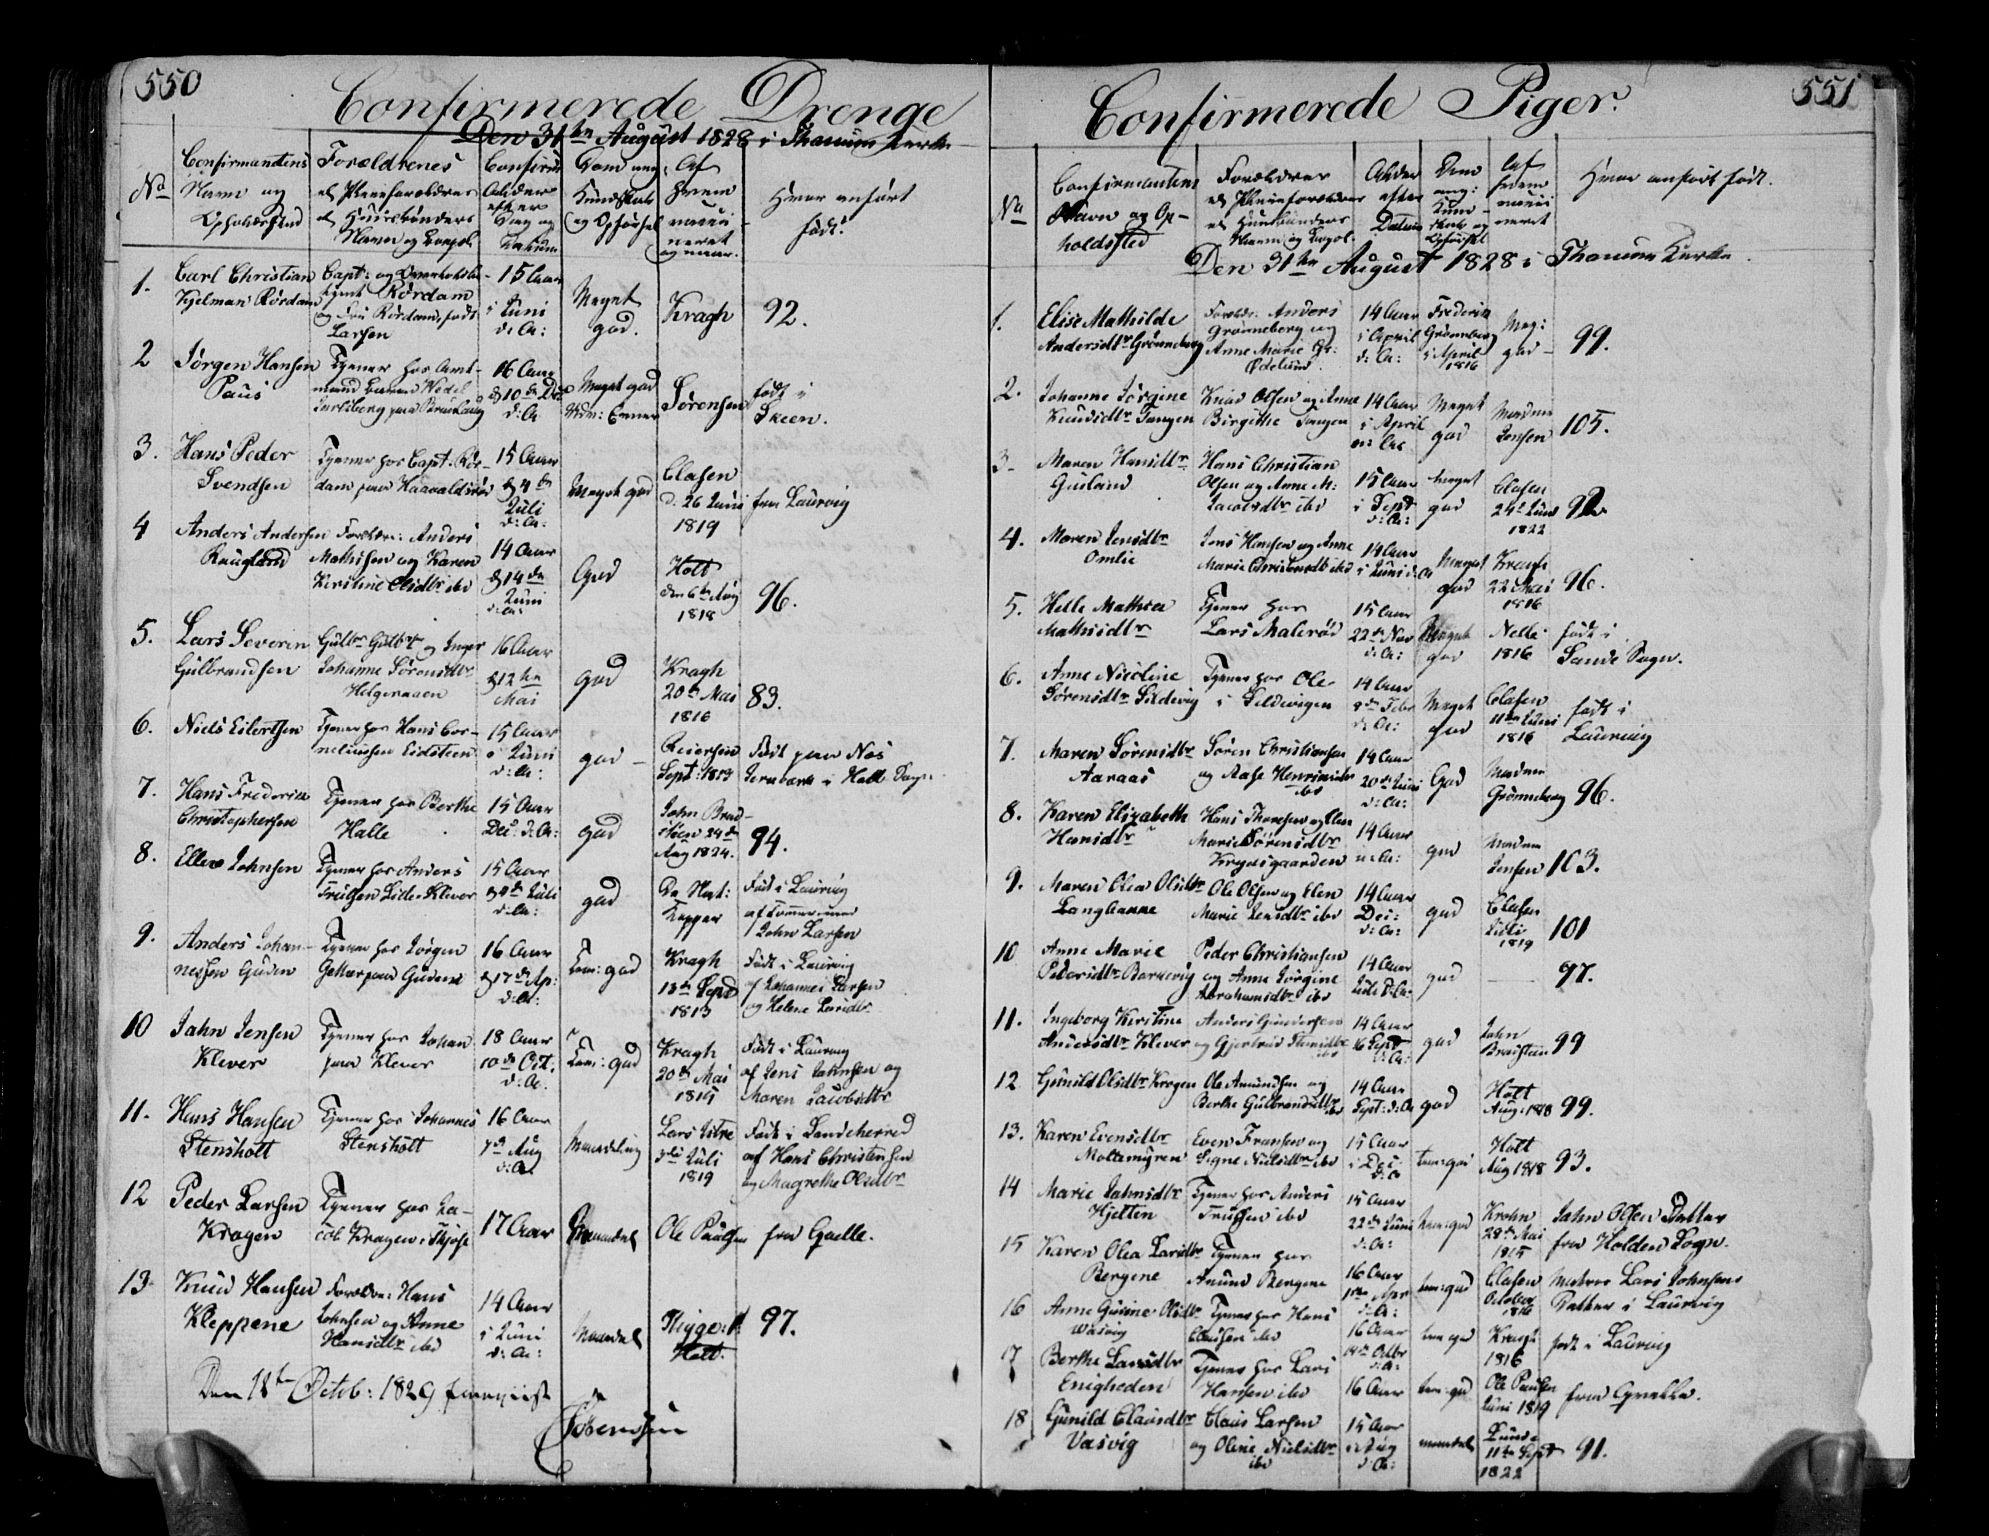 SAKO, Brunlanes kirkebøker, F/Fa/L0002: Ministerialbok nr. I 2, 1802-1834, s. 550-551